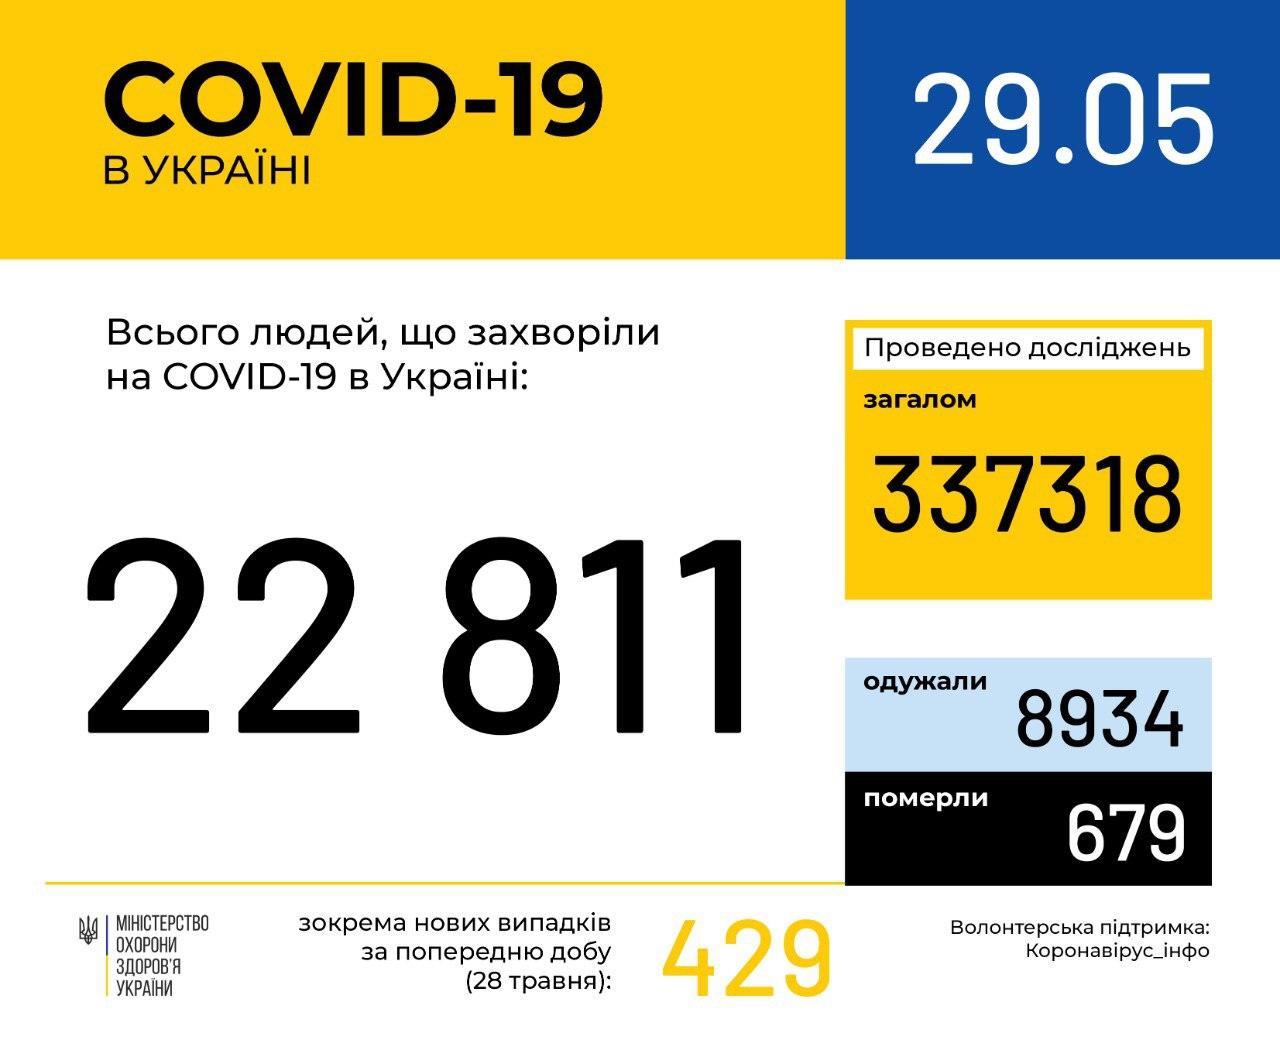 В Україні зафіксовано 22811 випадків коронавірусної хвороби COVID-19